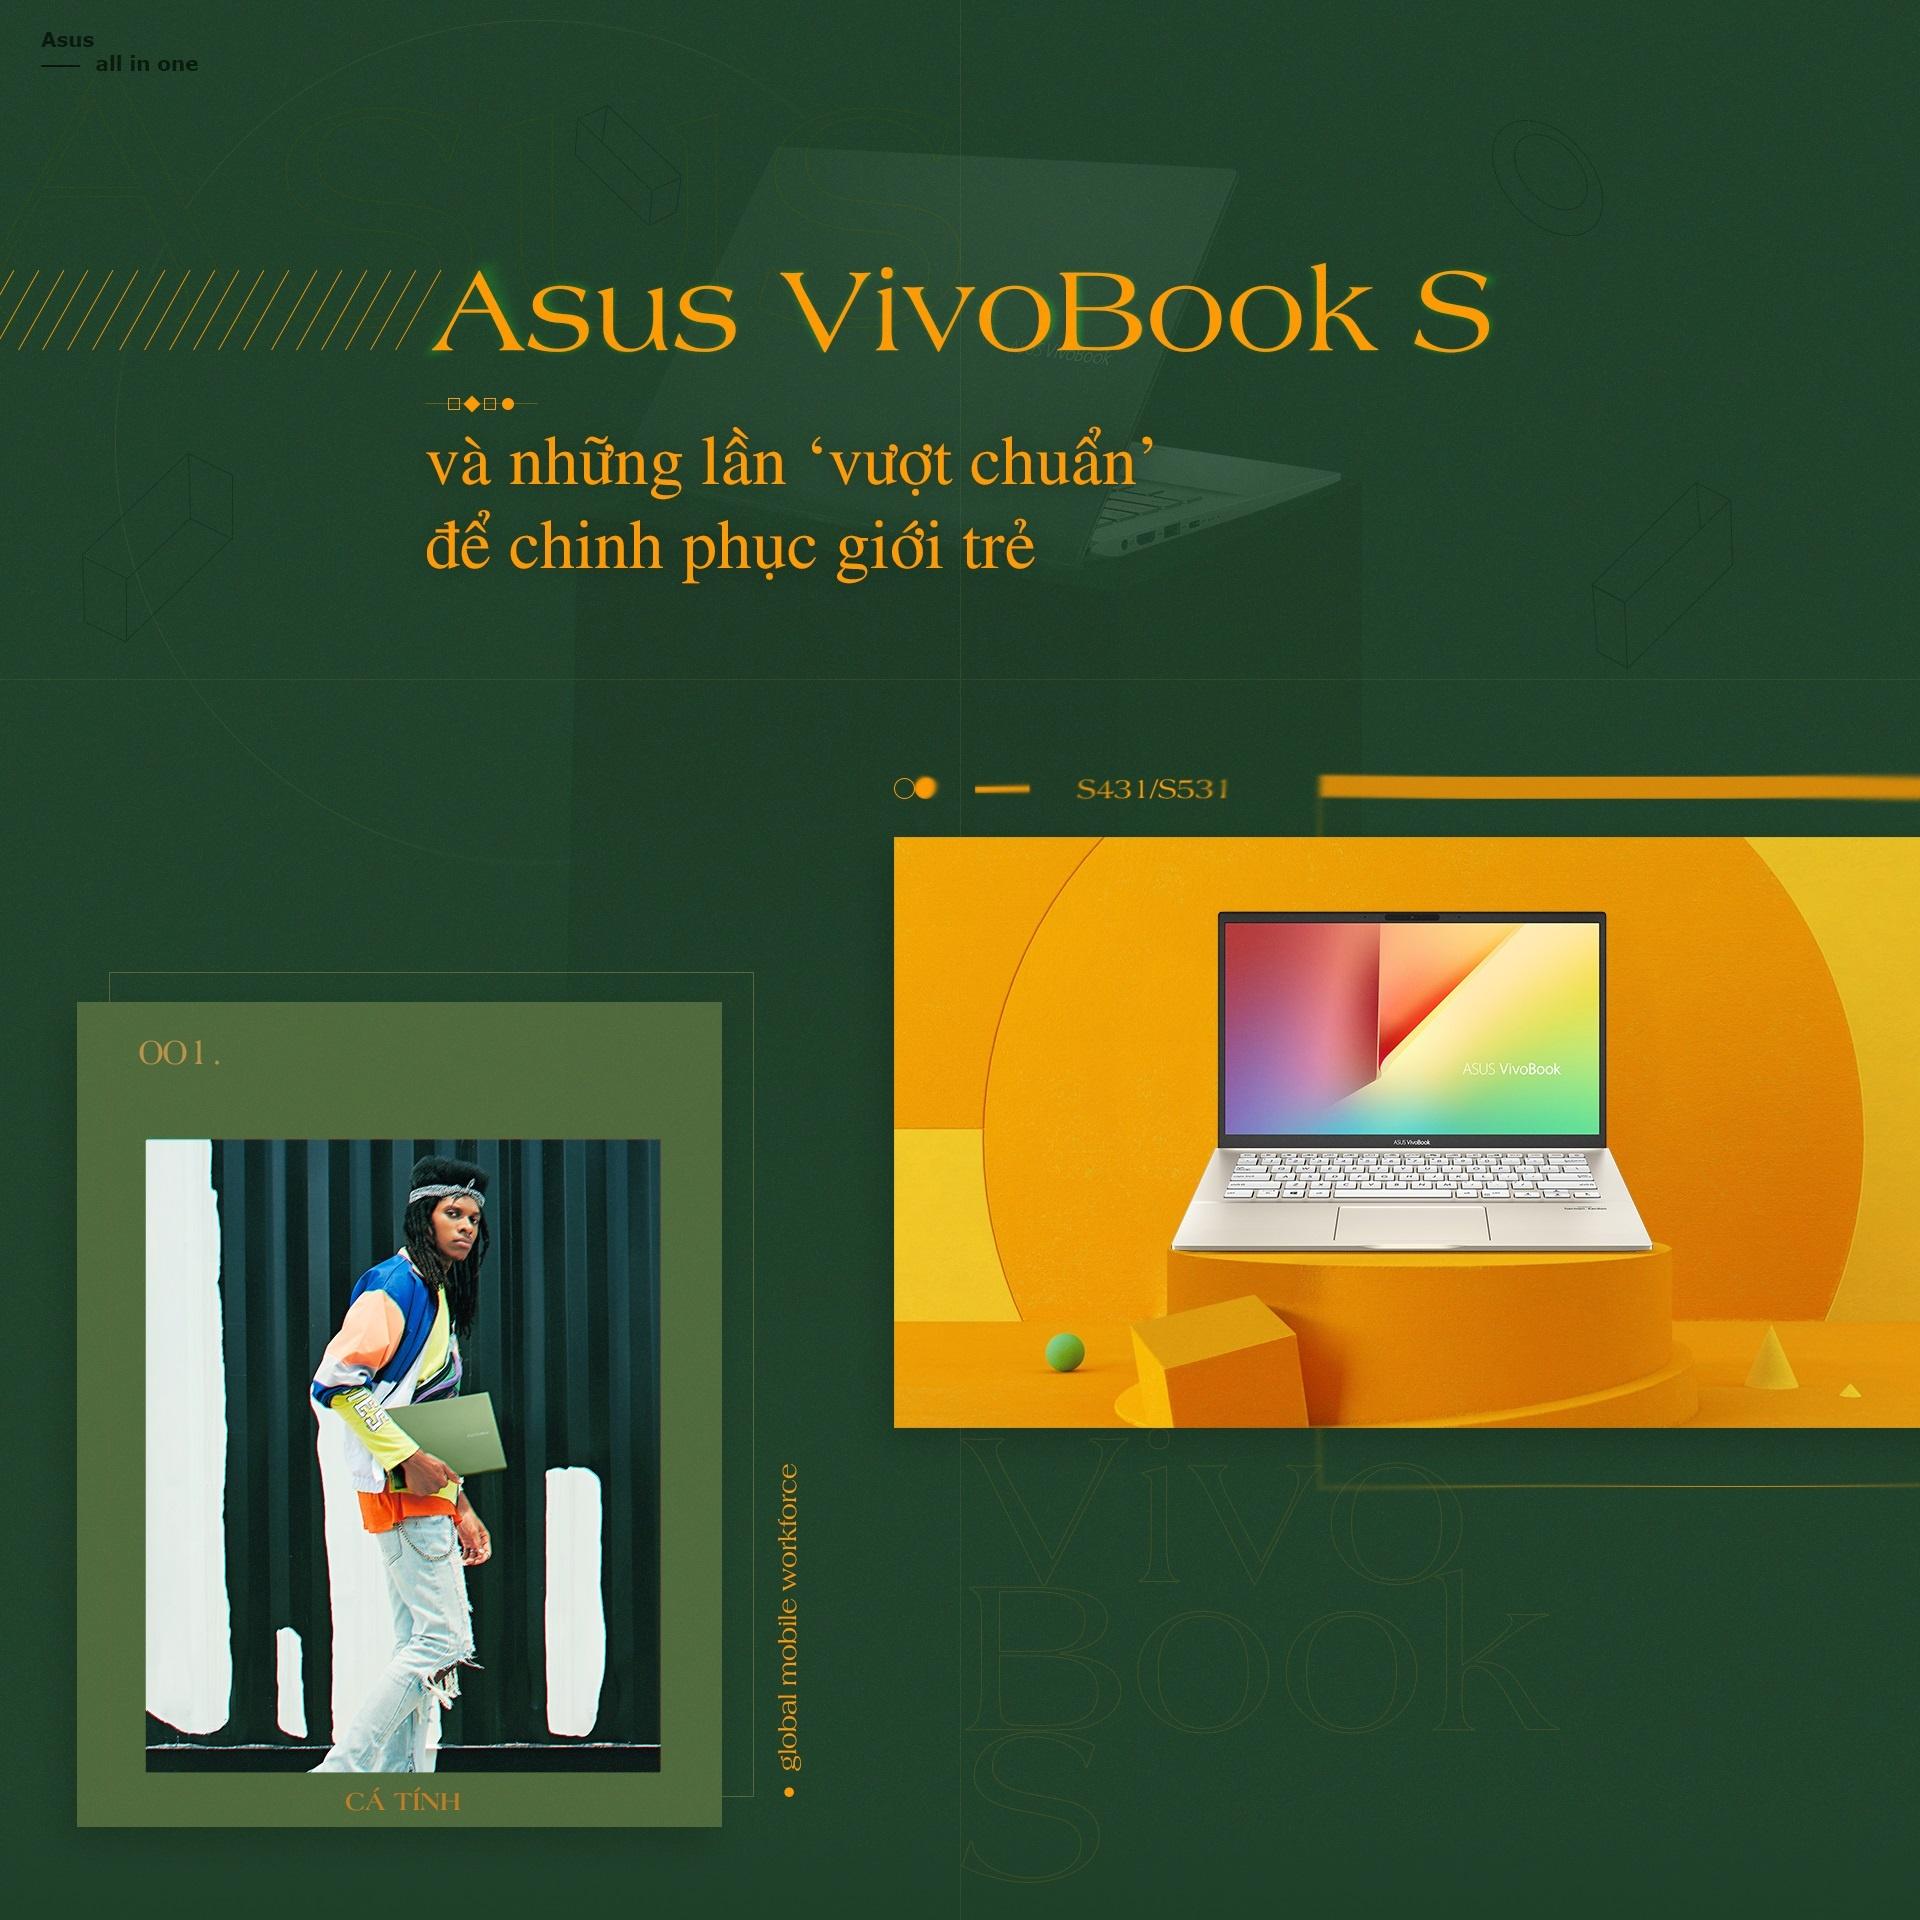 Asus VivoBook S va nhung lan 'vuot chuan' de chinh phuc gioi tre hinh anh 2